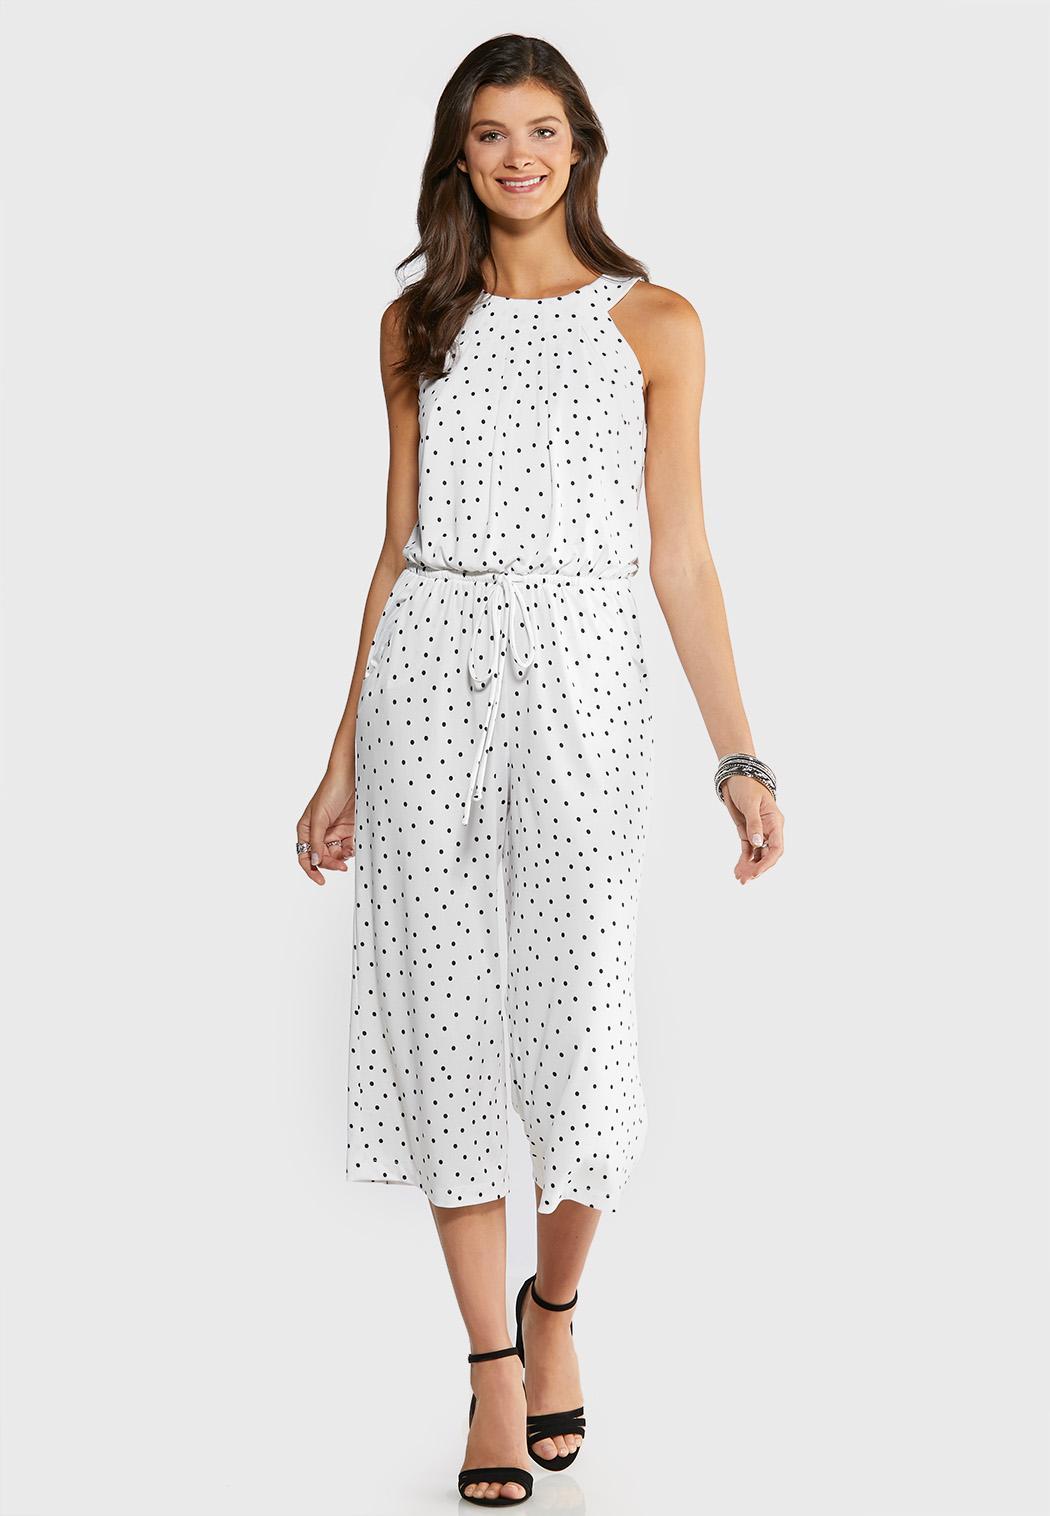 de0d9ca1b Women's Dresses- Fit and Flare, Swing, Maxi, Midi & More Affordable Dresses